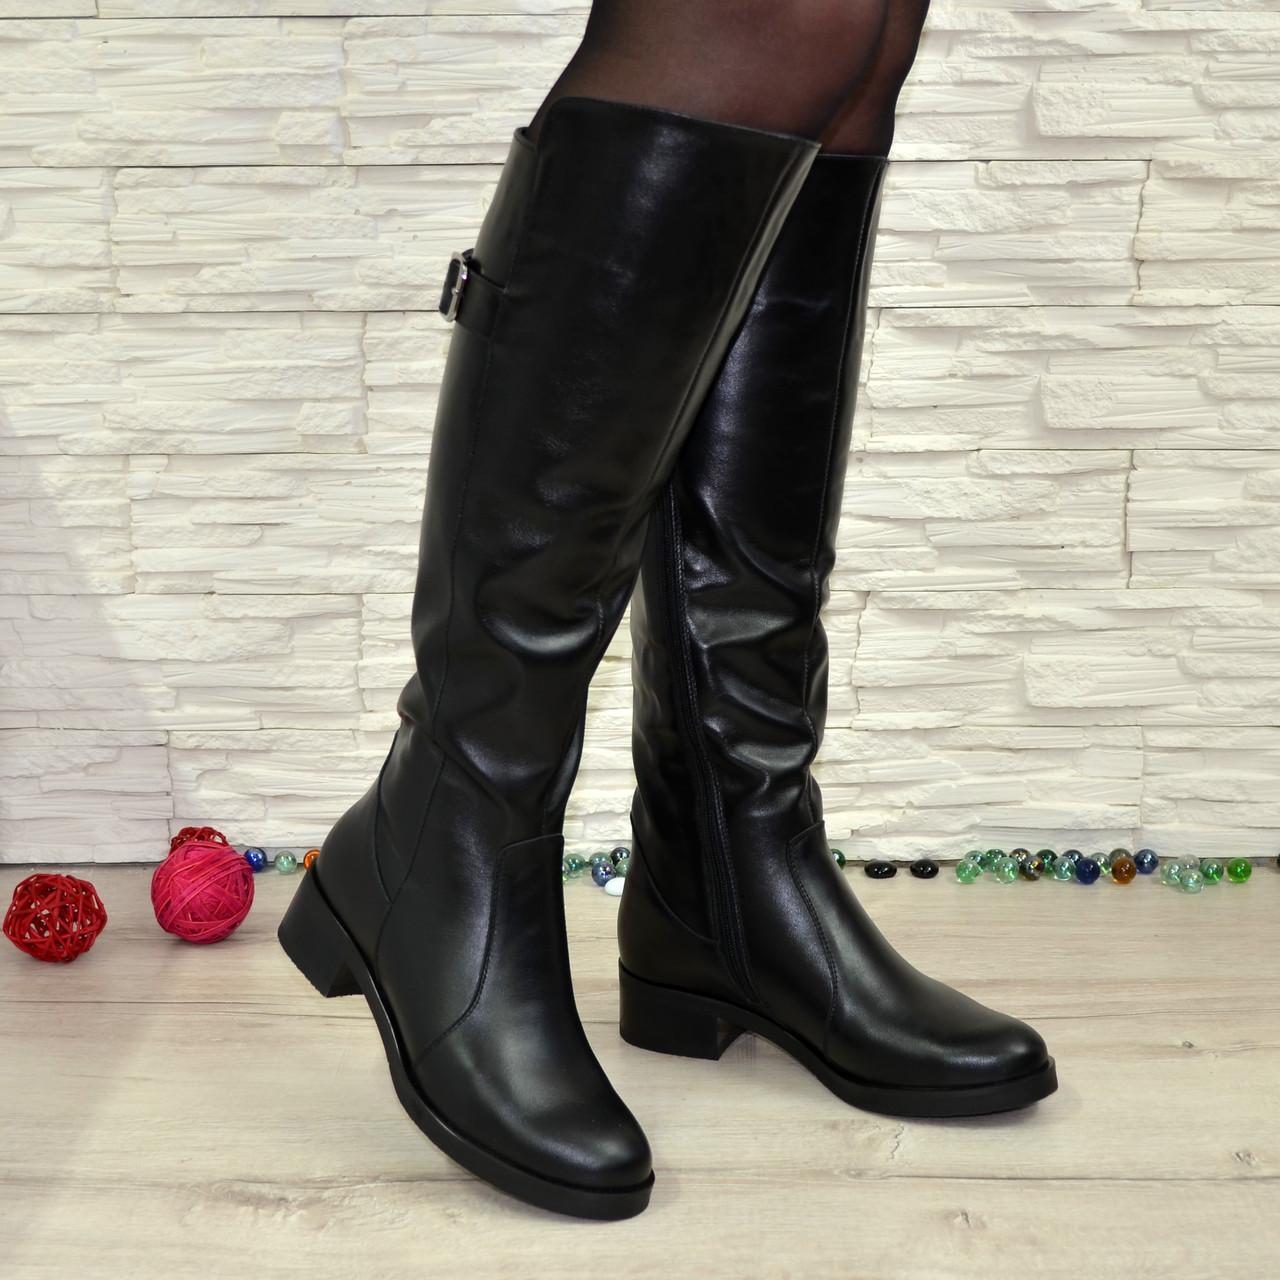 Сапоги женские зимние кожаные на невысоком устойчивом каблуке. 36 размер